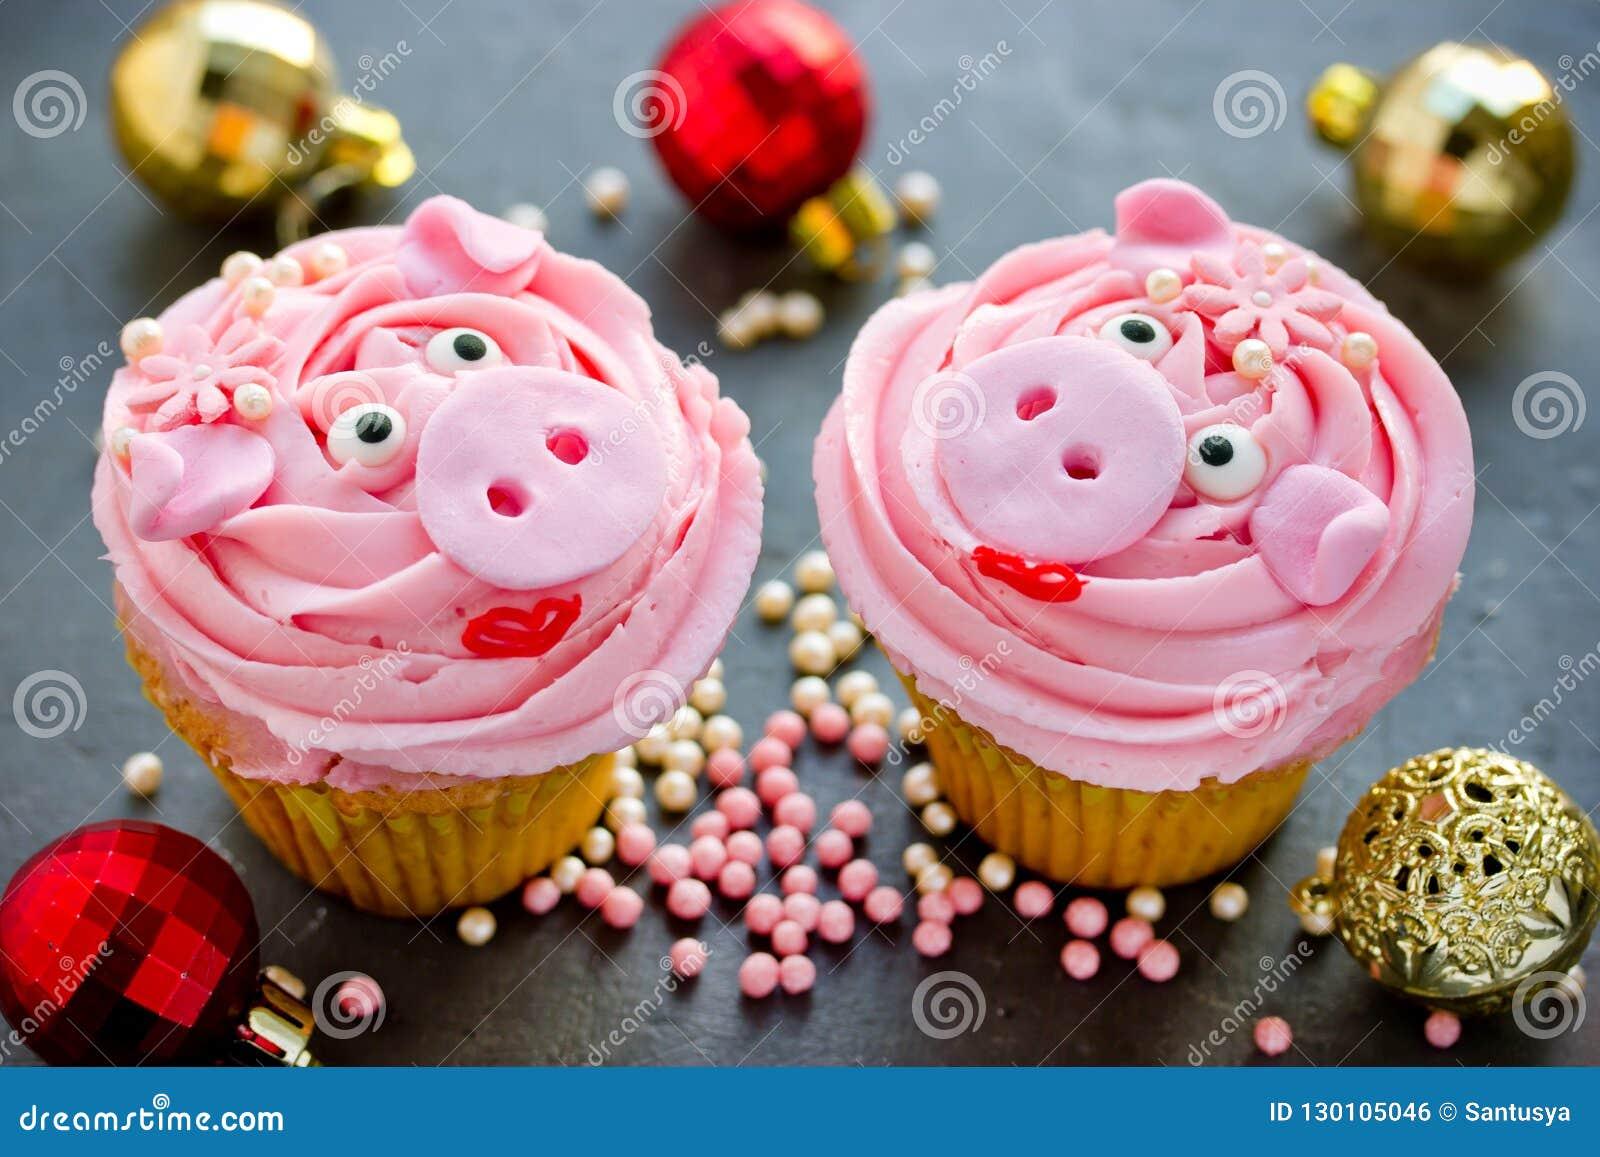 Queques leitães da senhorita - bonitos e os bolos deliciosos decorados com creme cor-de-rosa deu forma às caras leitães engraçada